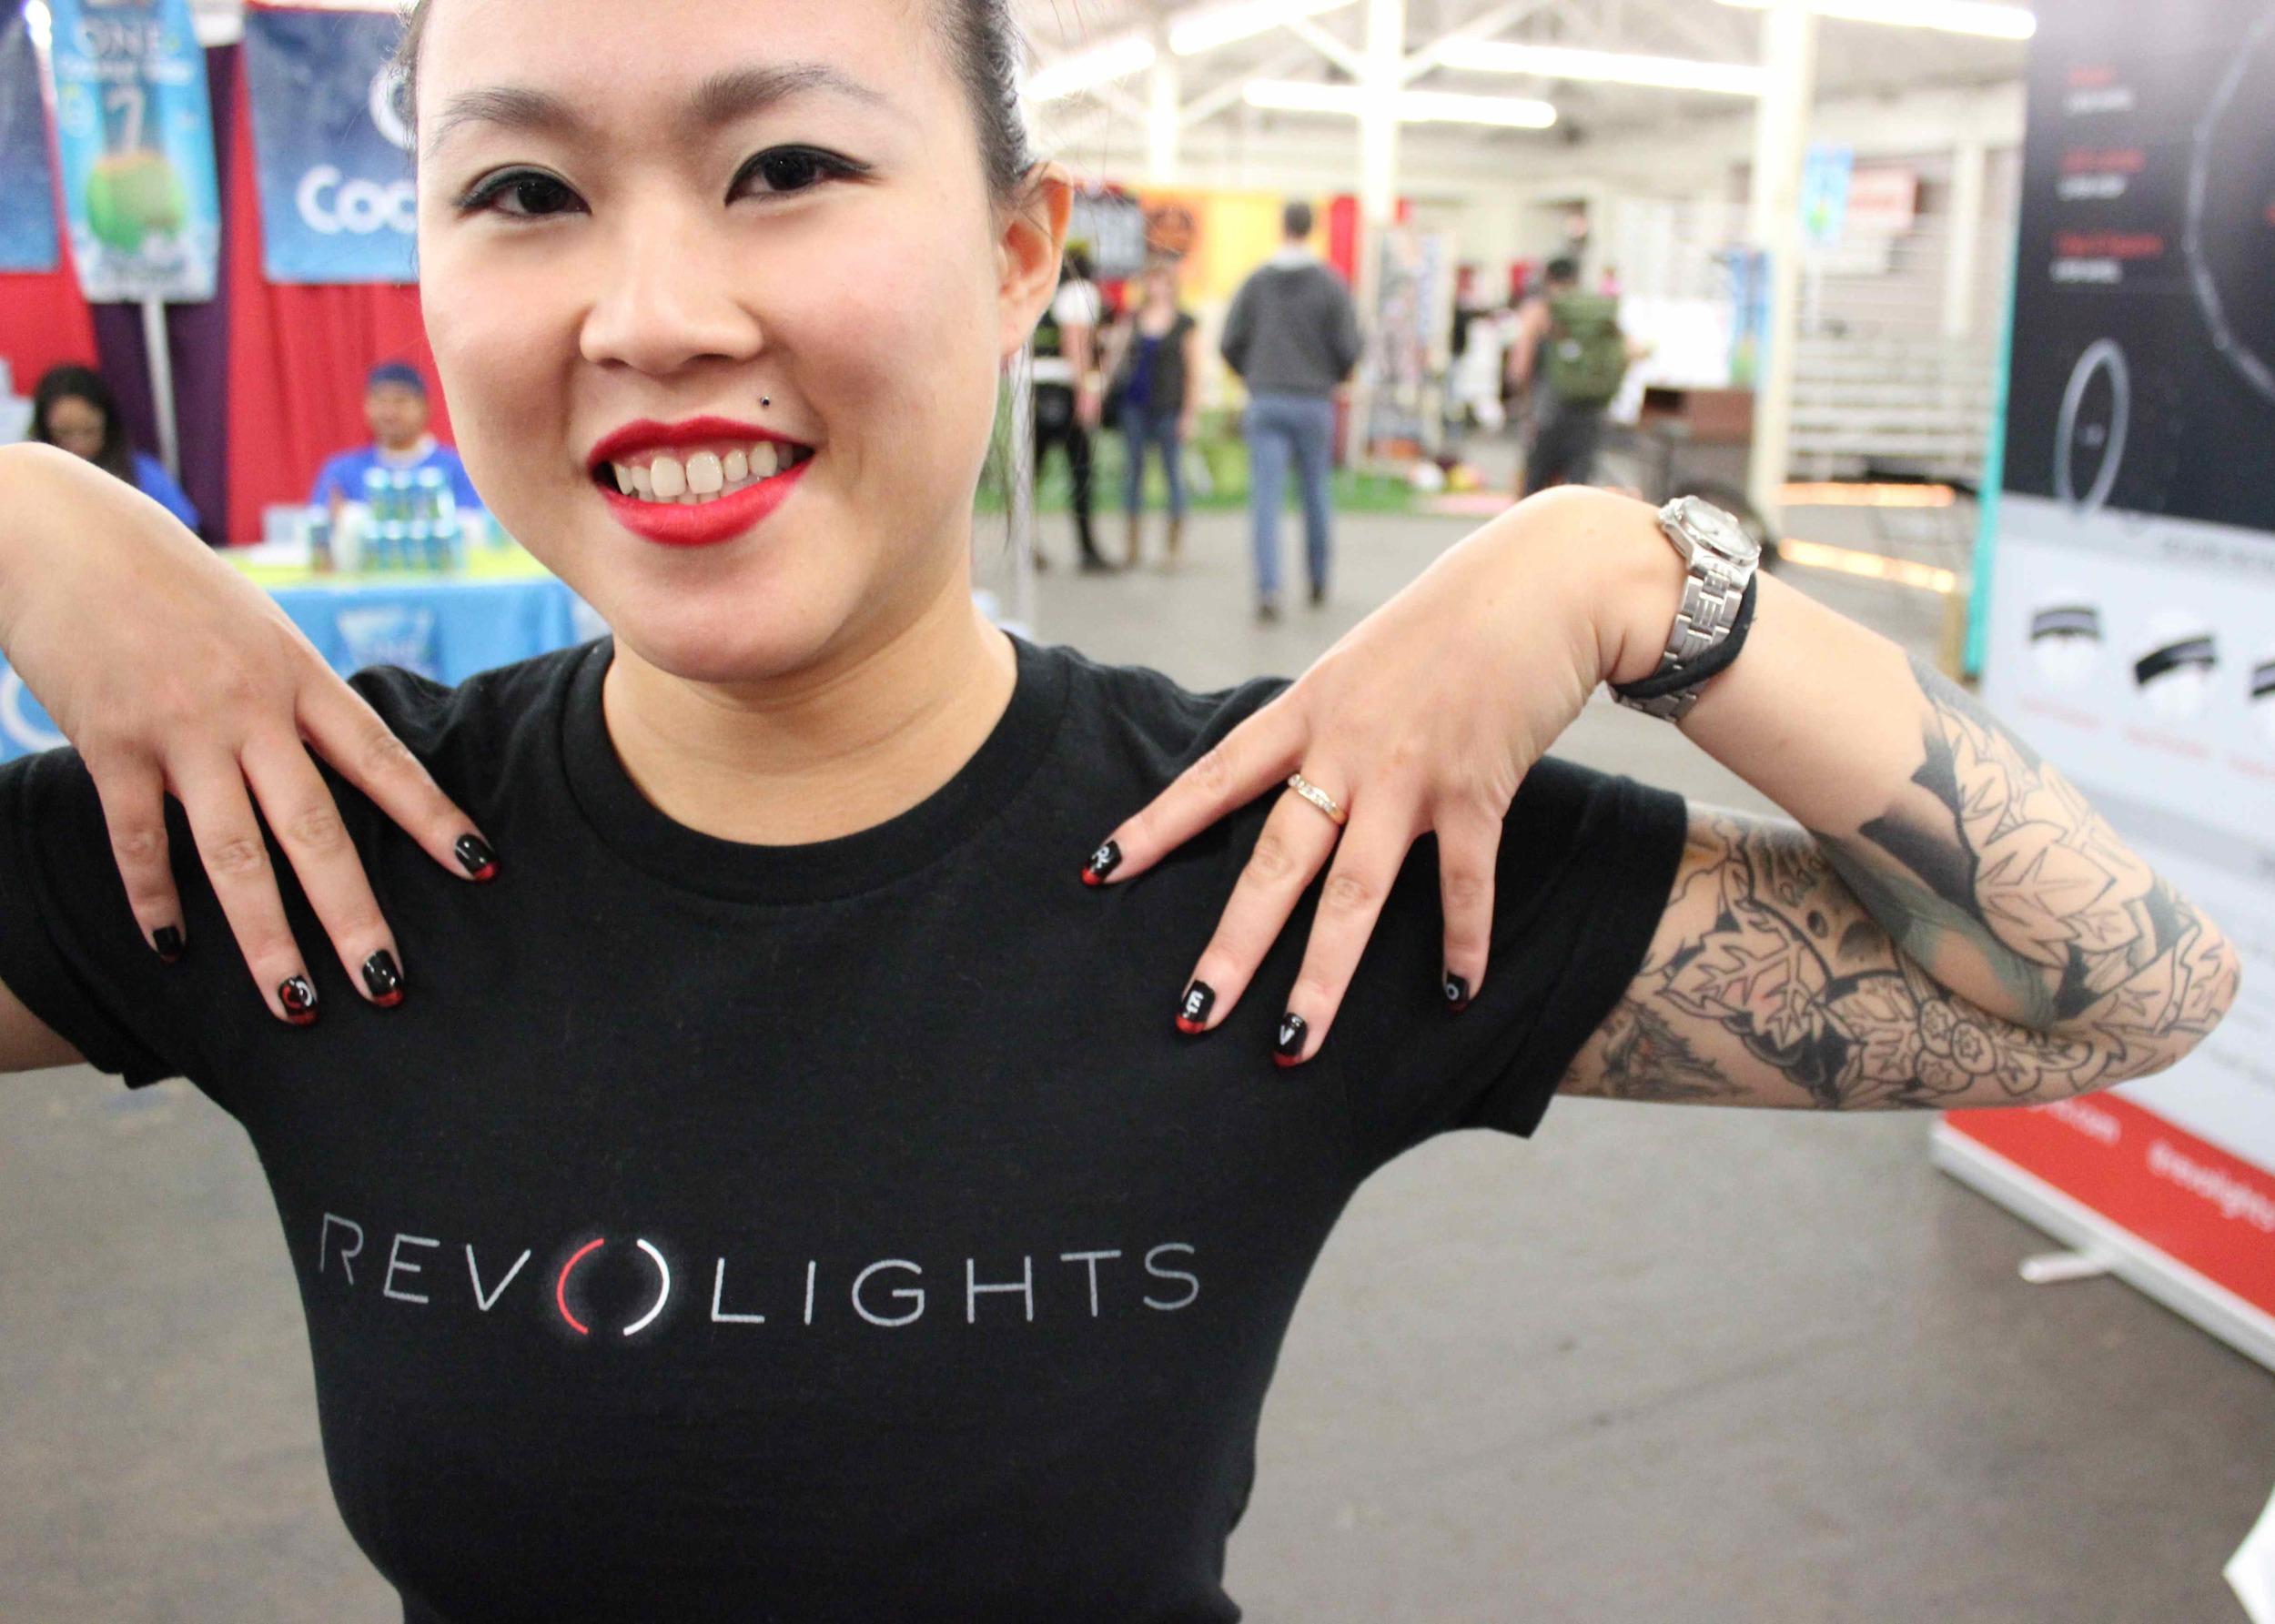 nail art, revolights, Jenn Tran, tattoos, tattoo, tattoo sleeve, asian girl, red lipstick